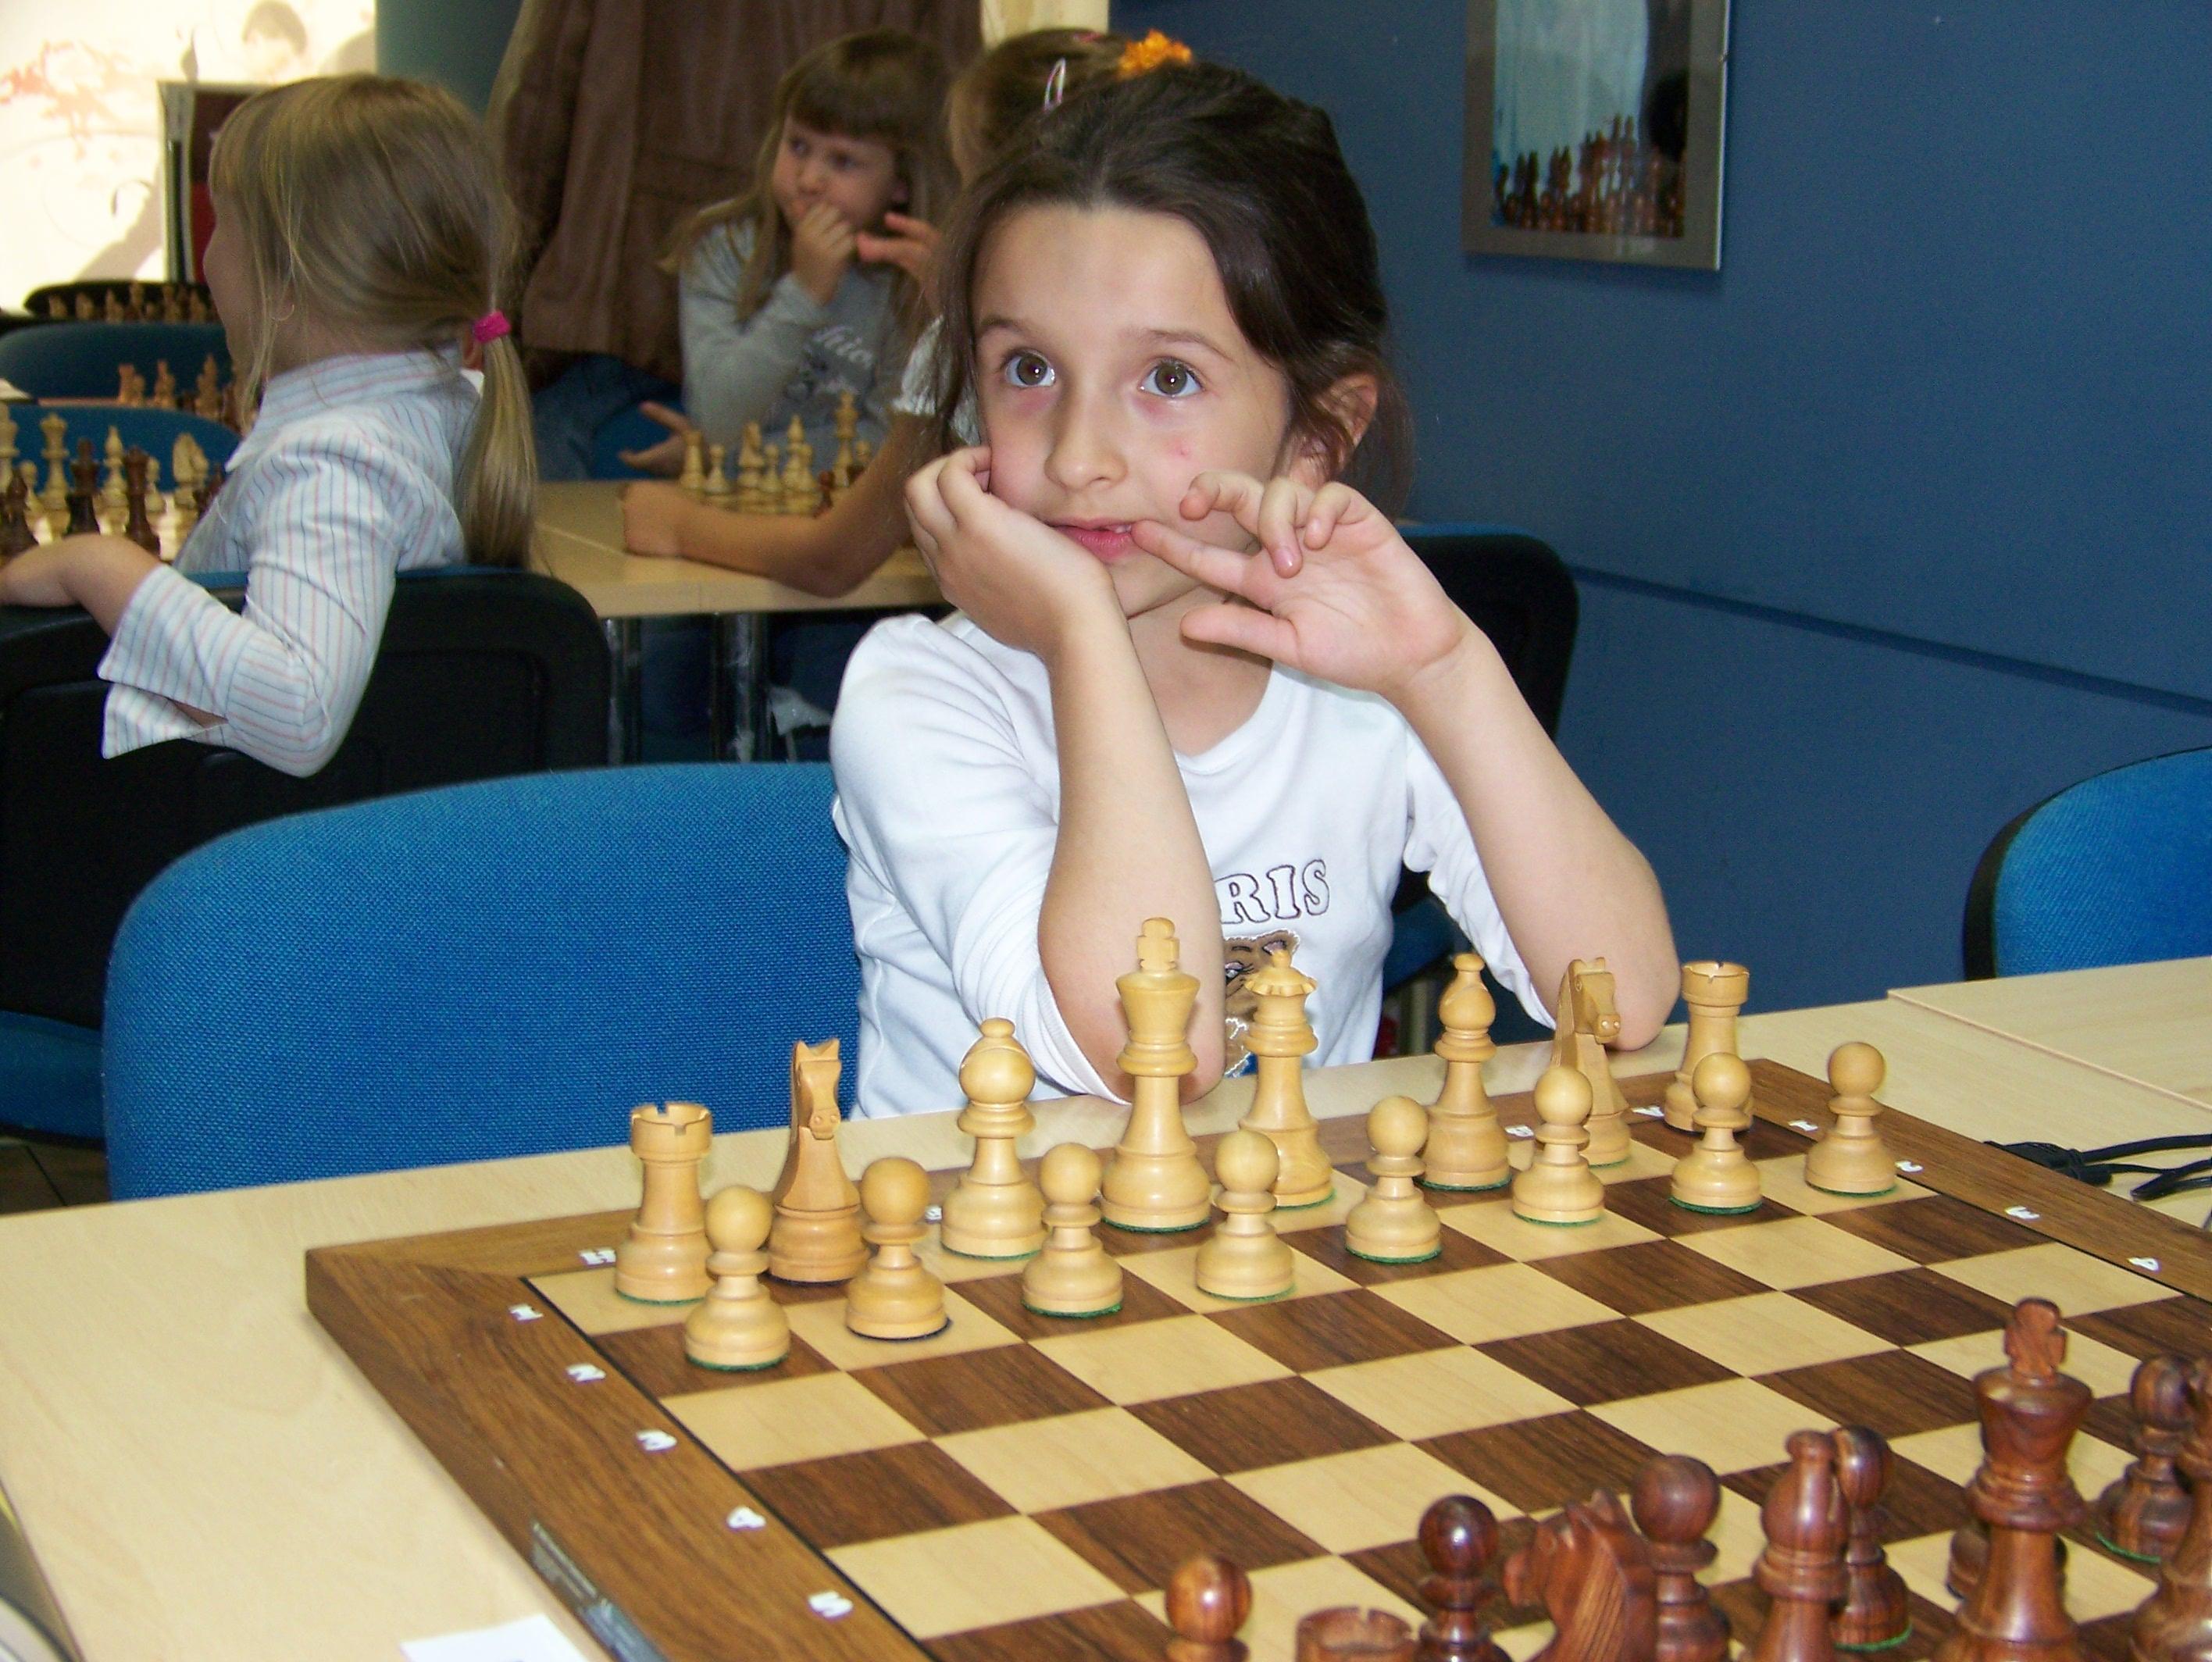 Mistrzostwa Dolnego Śląska do lat 7 w Szachach, Wrocław, 02.06.2012